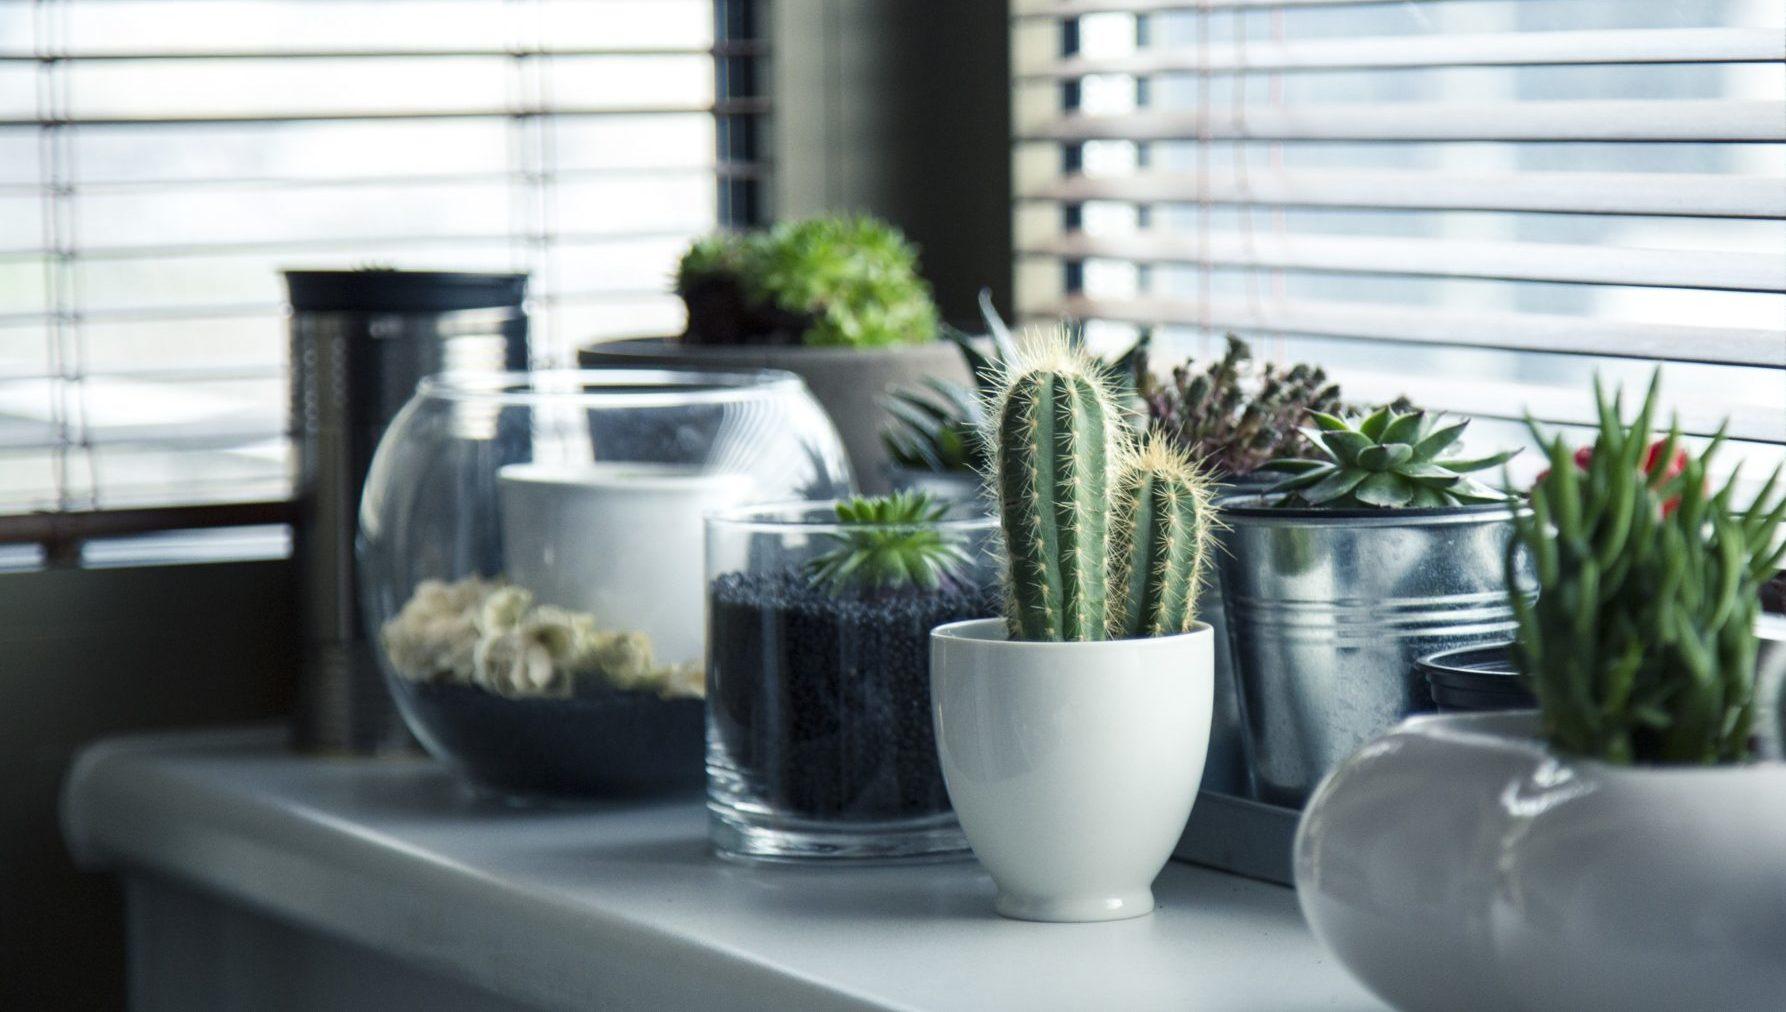 8 Robuste Zimmerpflanzen Die Besonders Wenig Wasser Brauchen